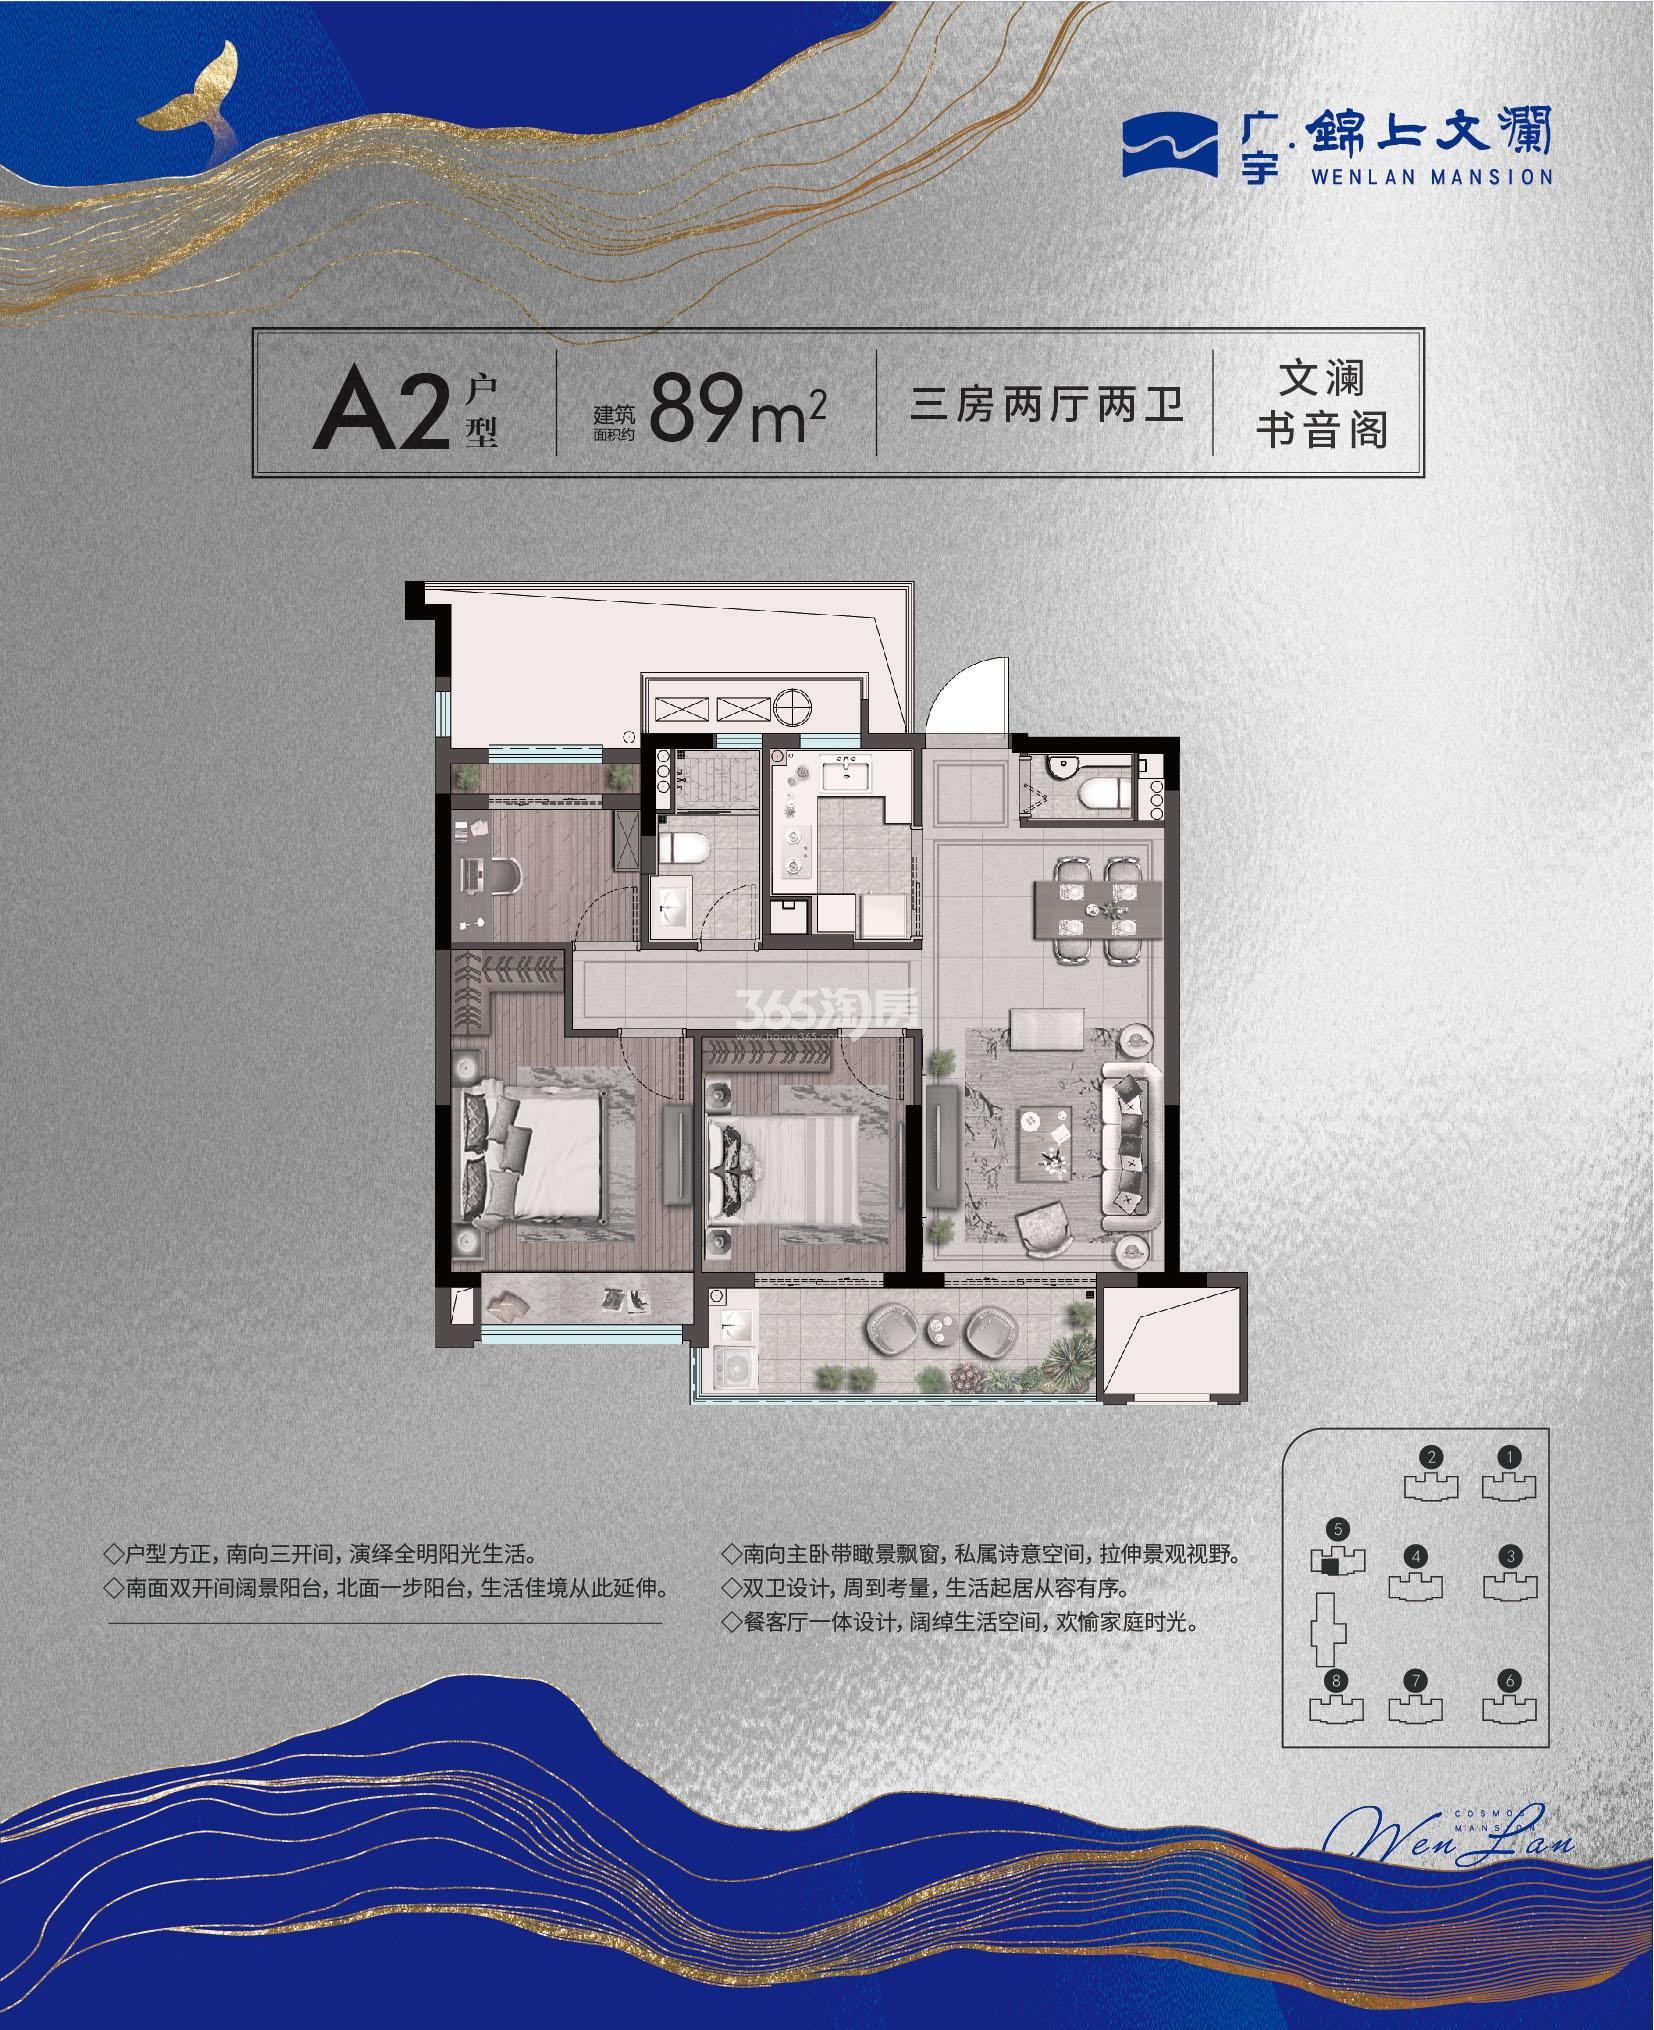 广宇锦上文澜A2户型89方5#